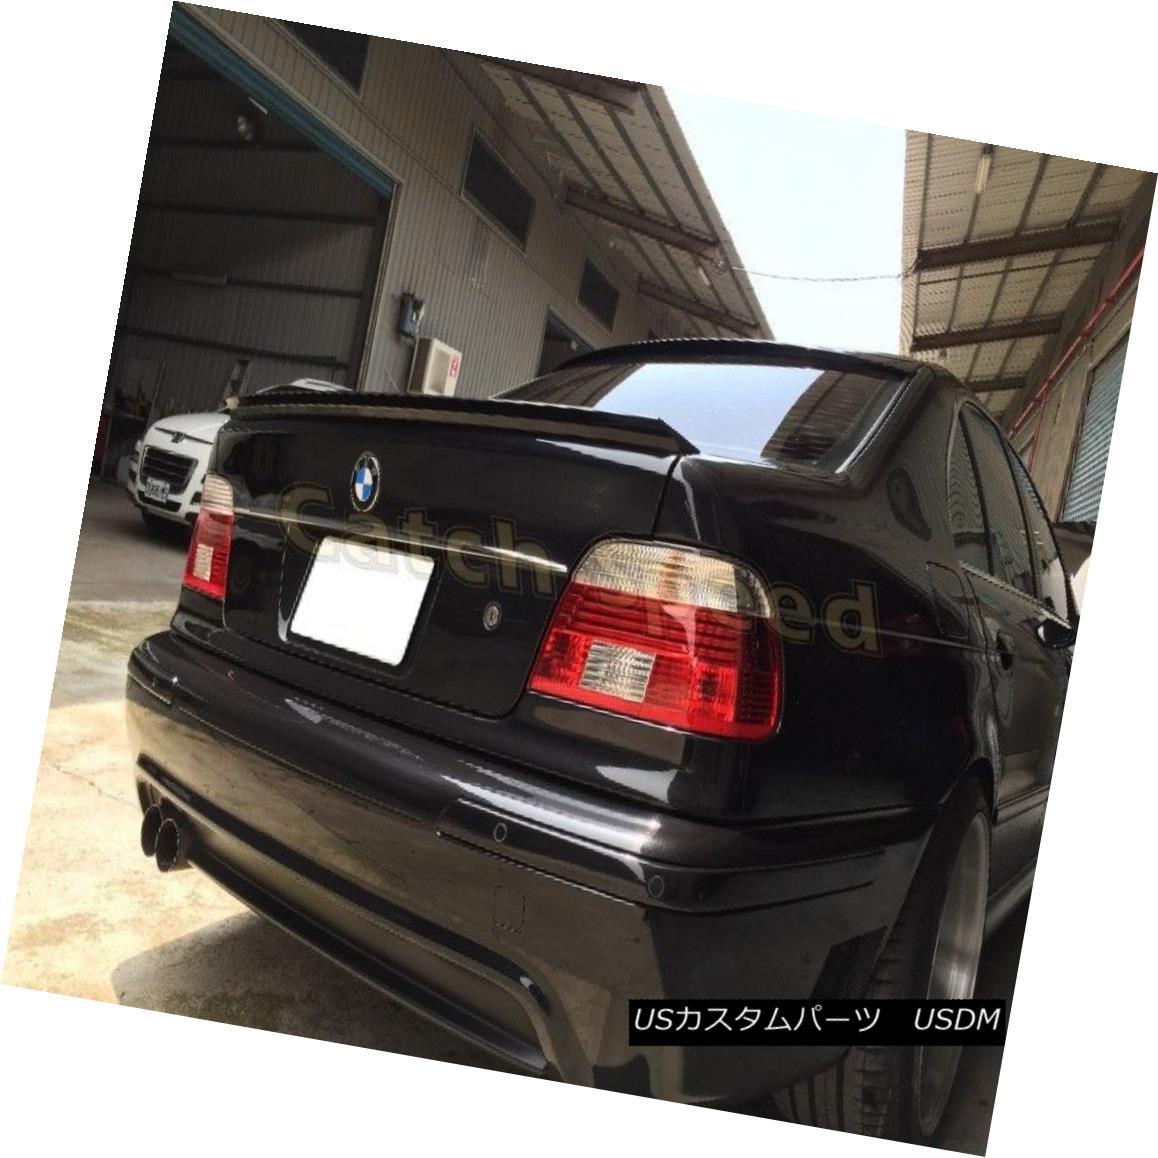 エアロパーツ Painted A Type Rear Roof + V Trunk Spoiler For 5-series BMW E39 Sedan 1997~03 ? 5シリーズBMW E39セダン1997年?03年のための塗装タイプリア屋根+ Vトランク・スポイラー?